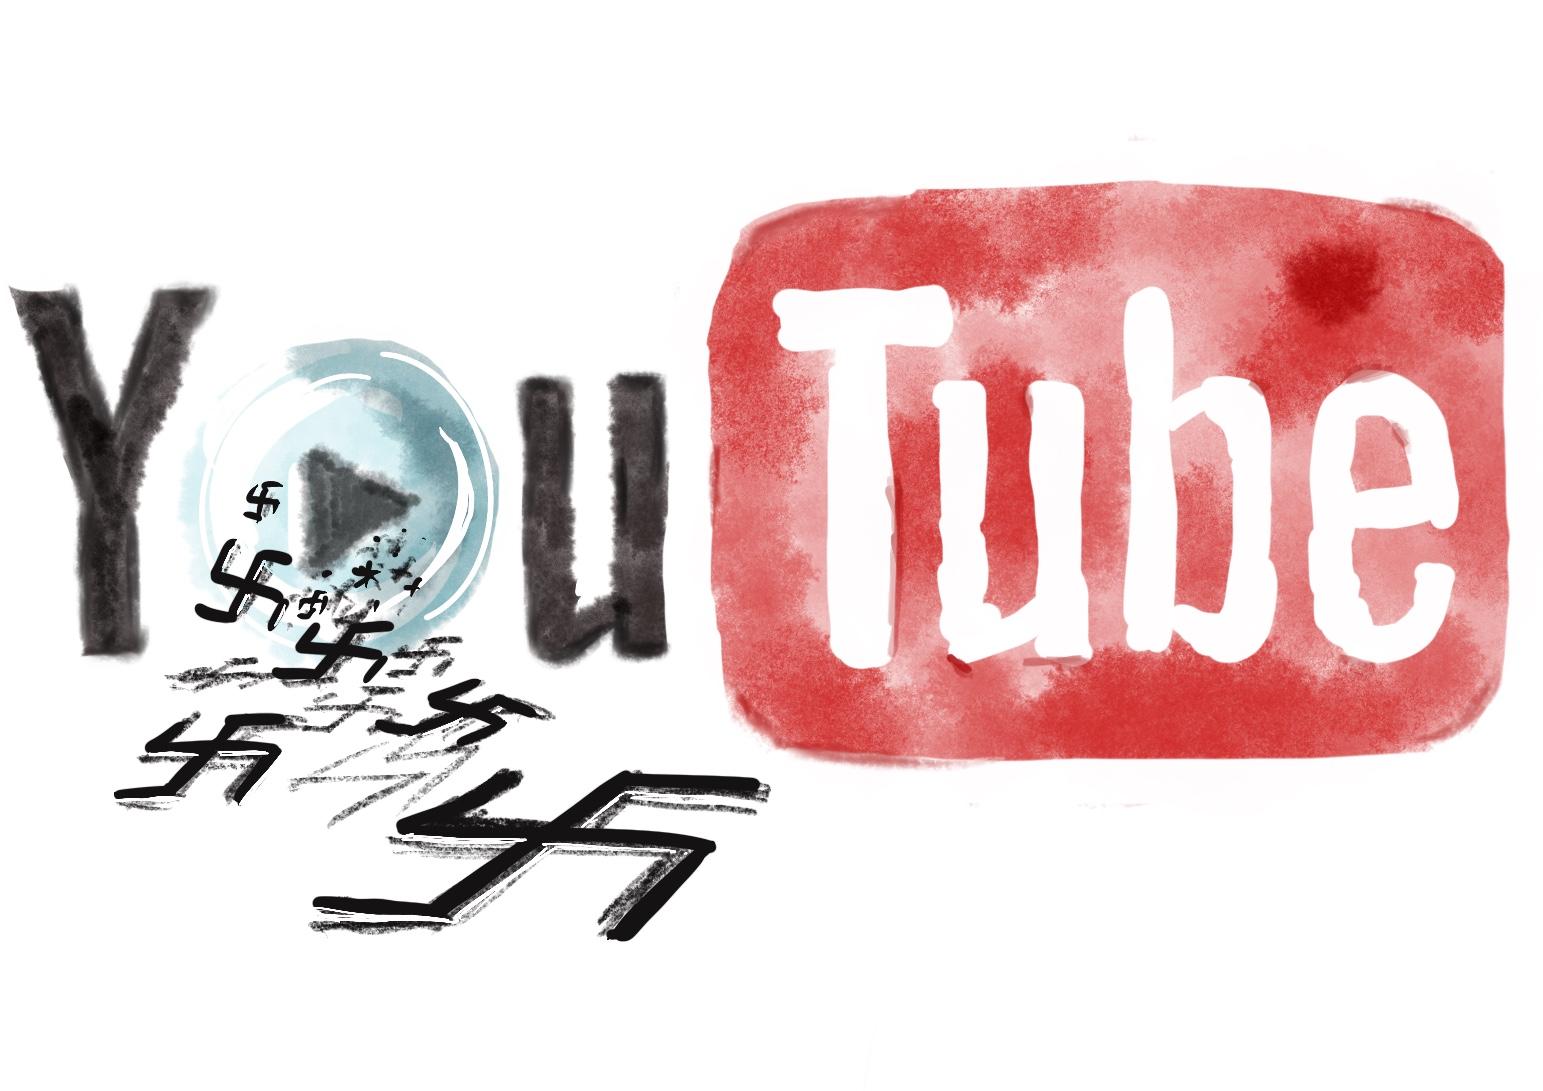 Youtube hate speech